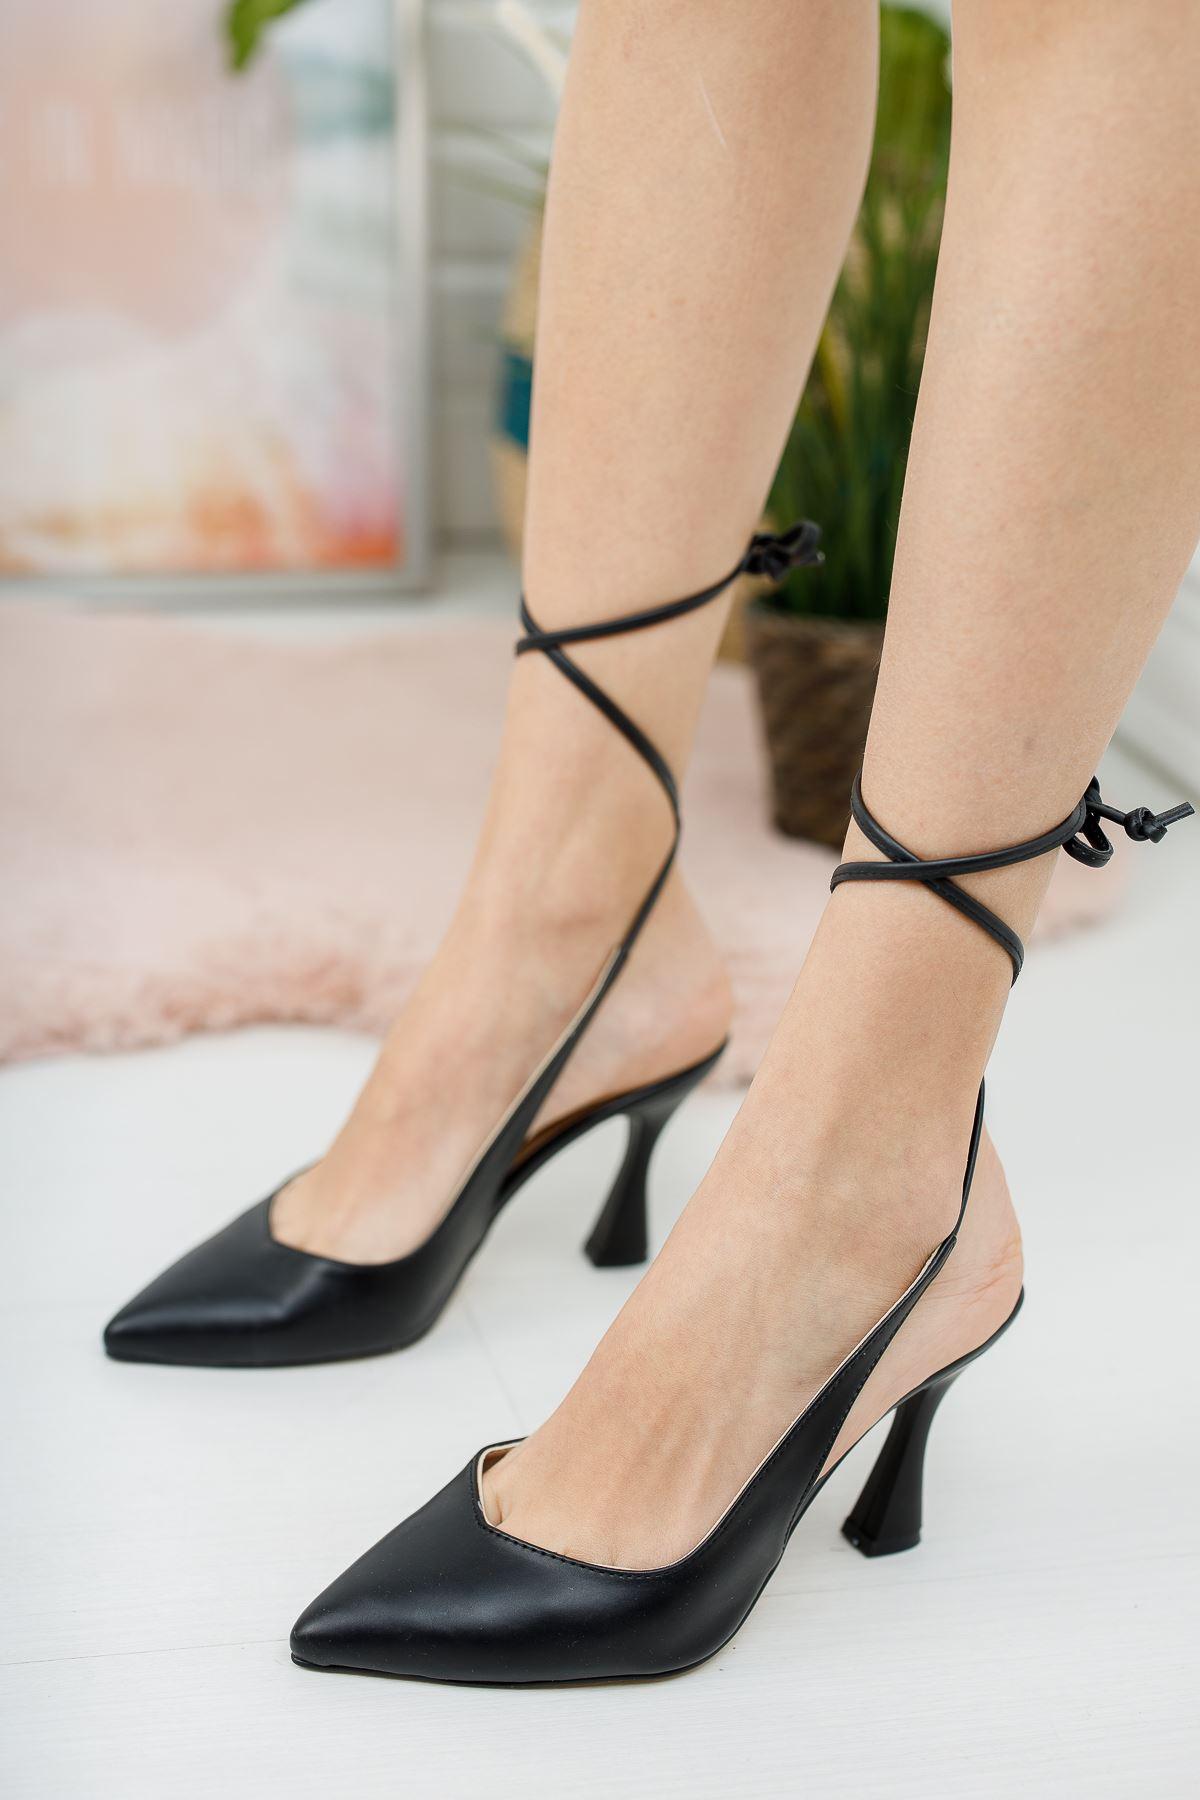 Kadın Delas Yüksek Topuklu Bağcık Detaylı Sivri Burun Mat Deri Siyah Ayakkabı